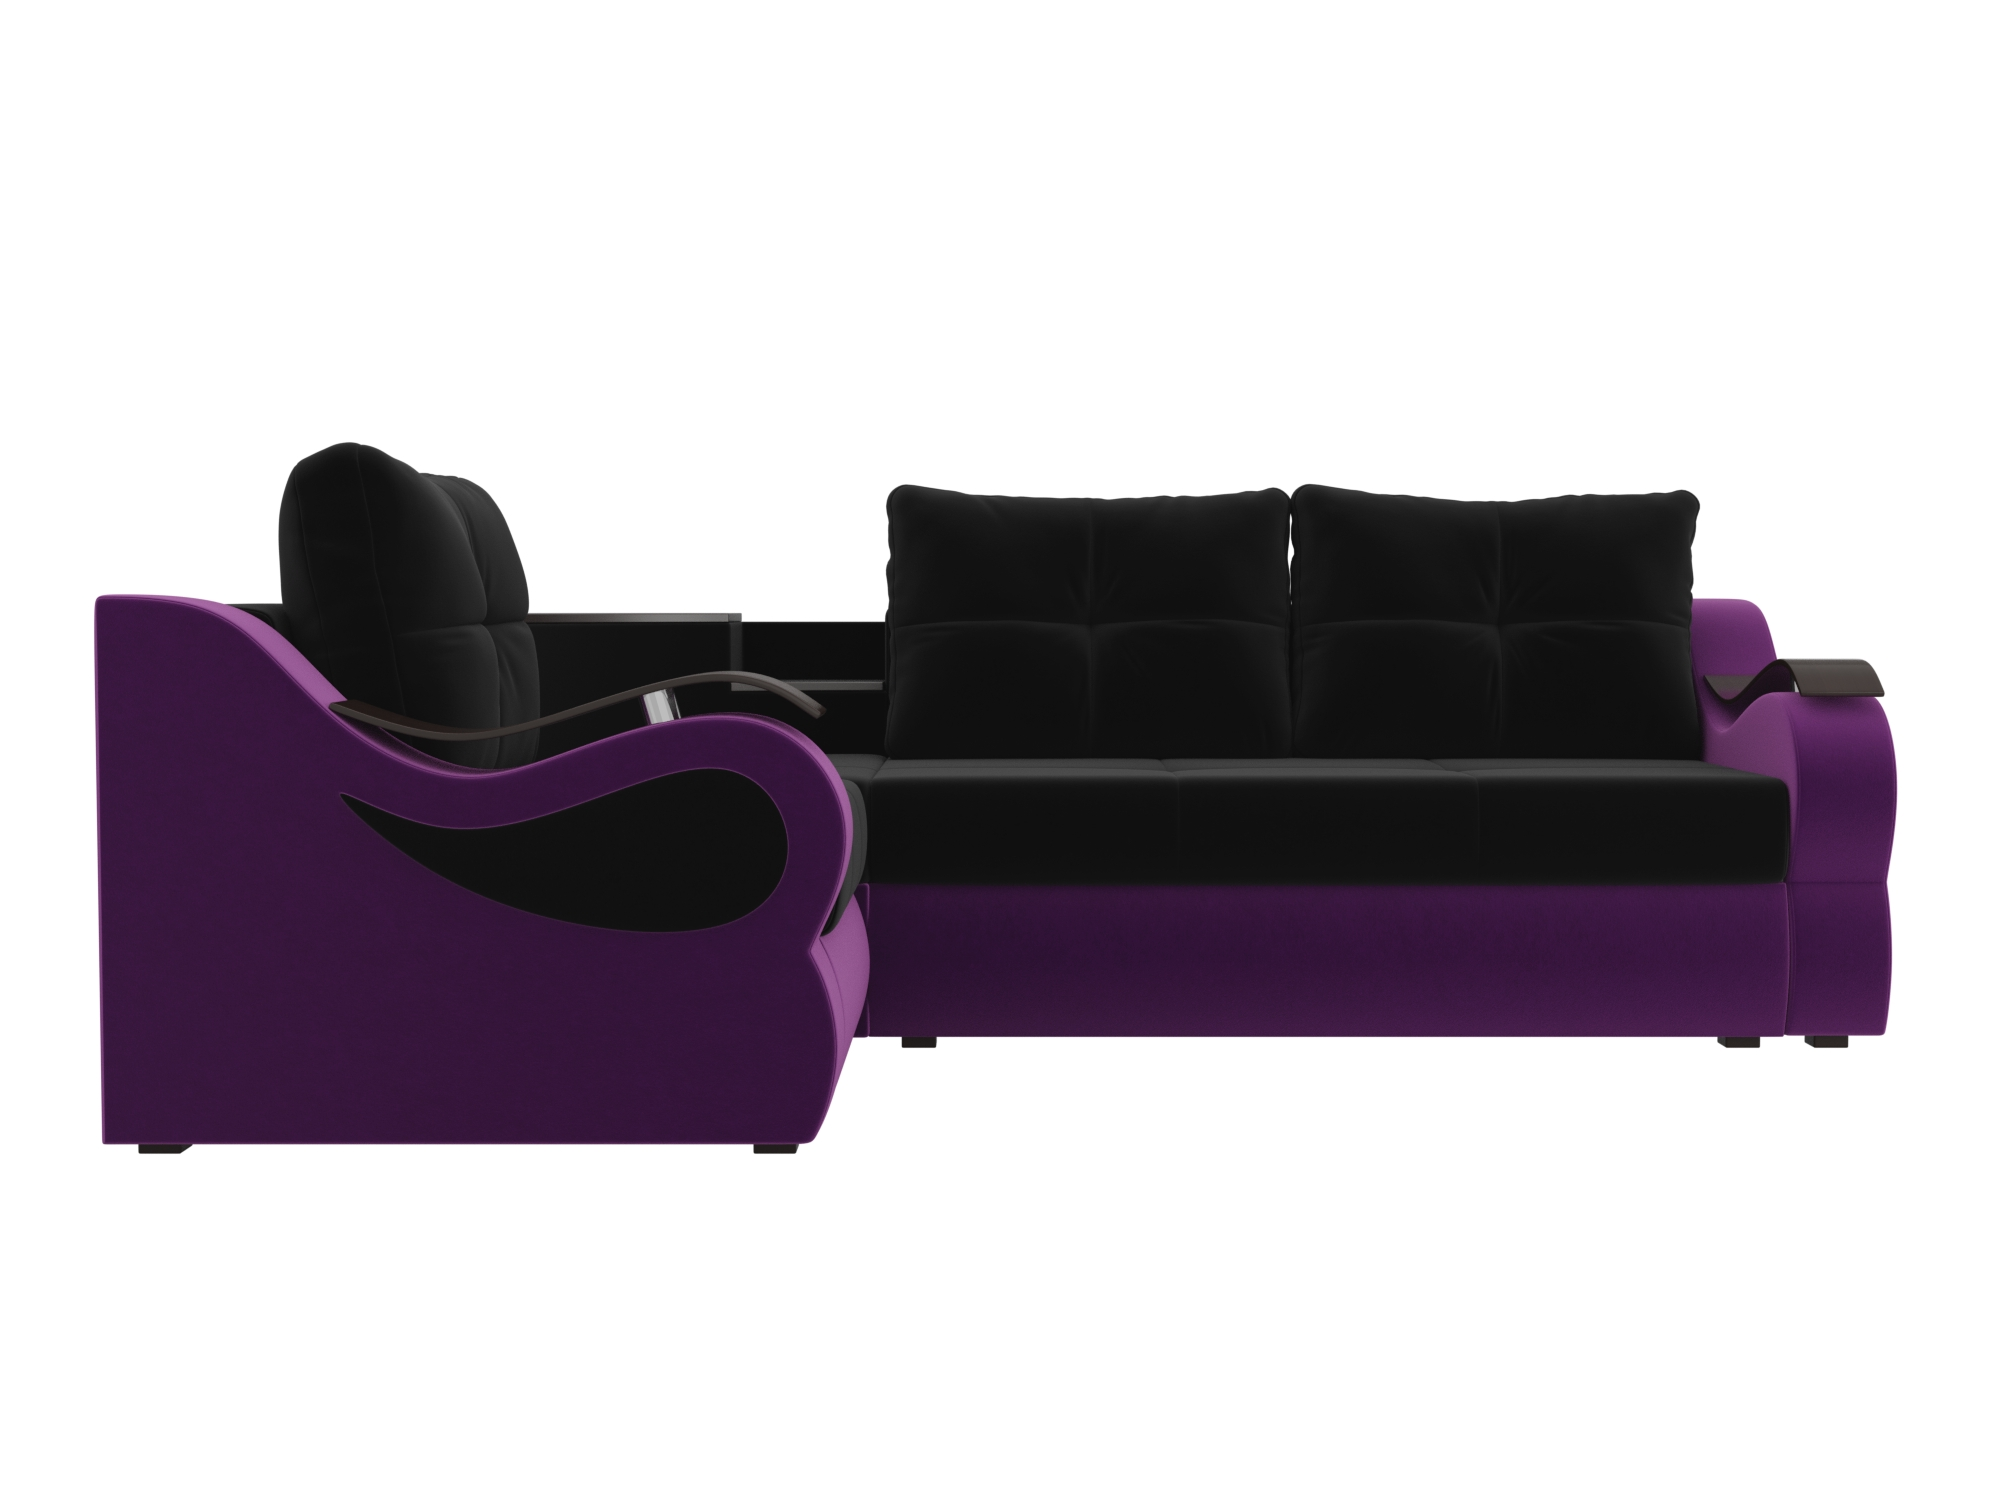 Угловой диван Митчелл Левый MebelVia Черный, Фиолетовый Фиолетовый, Черный